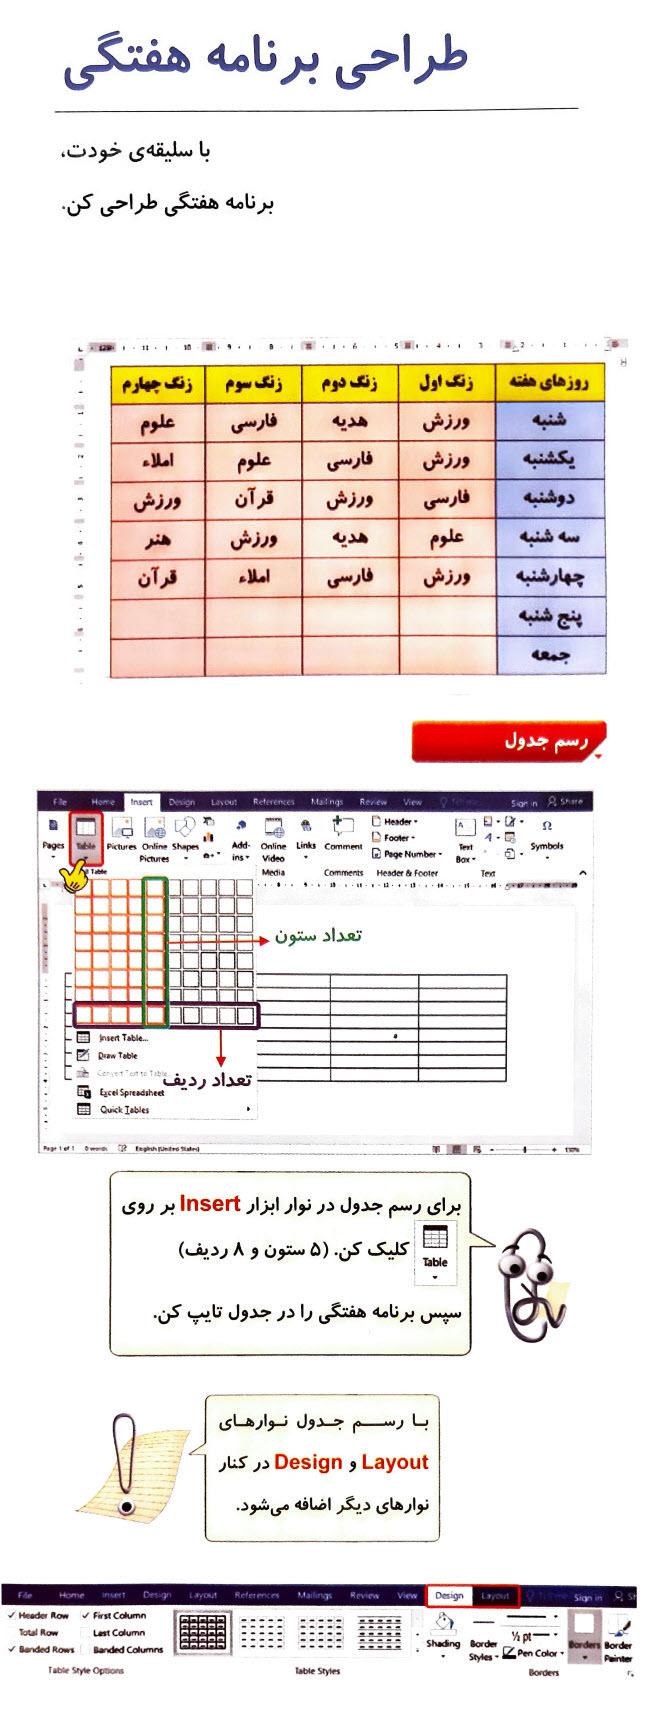 32- رسم جدول